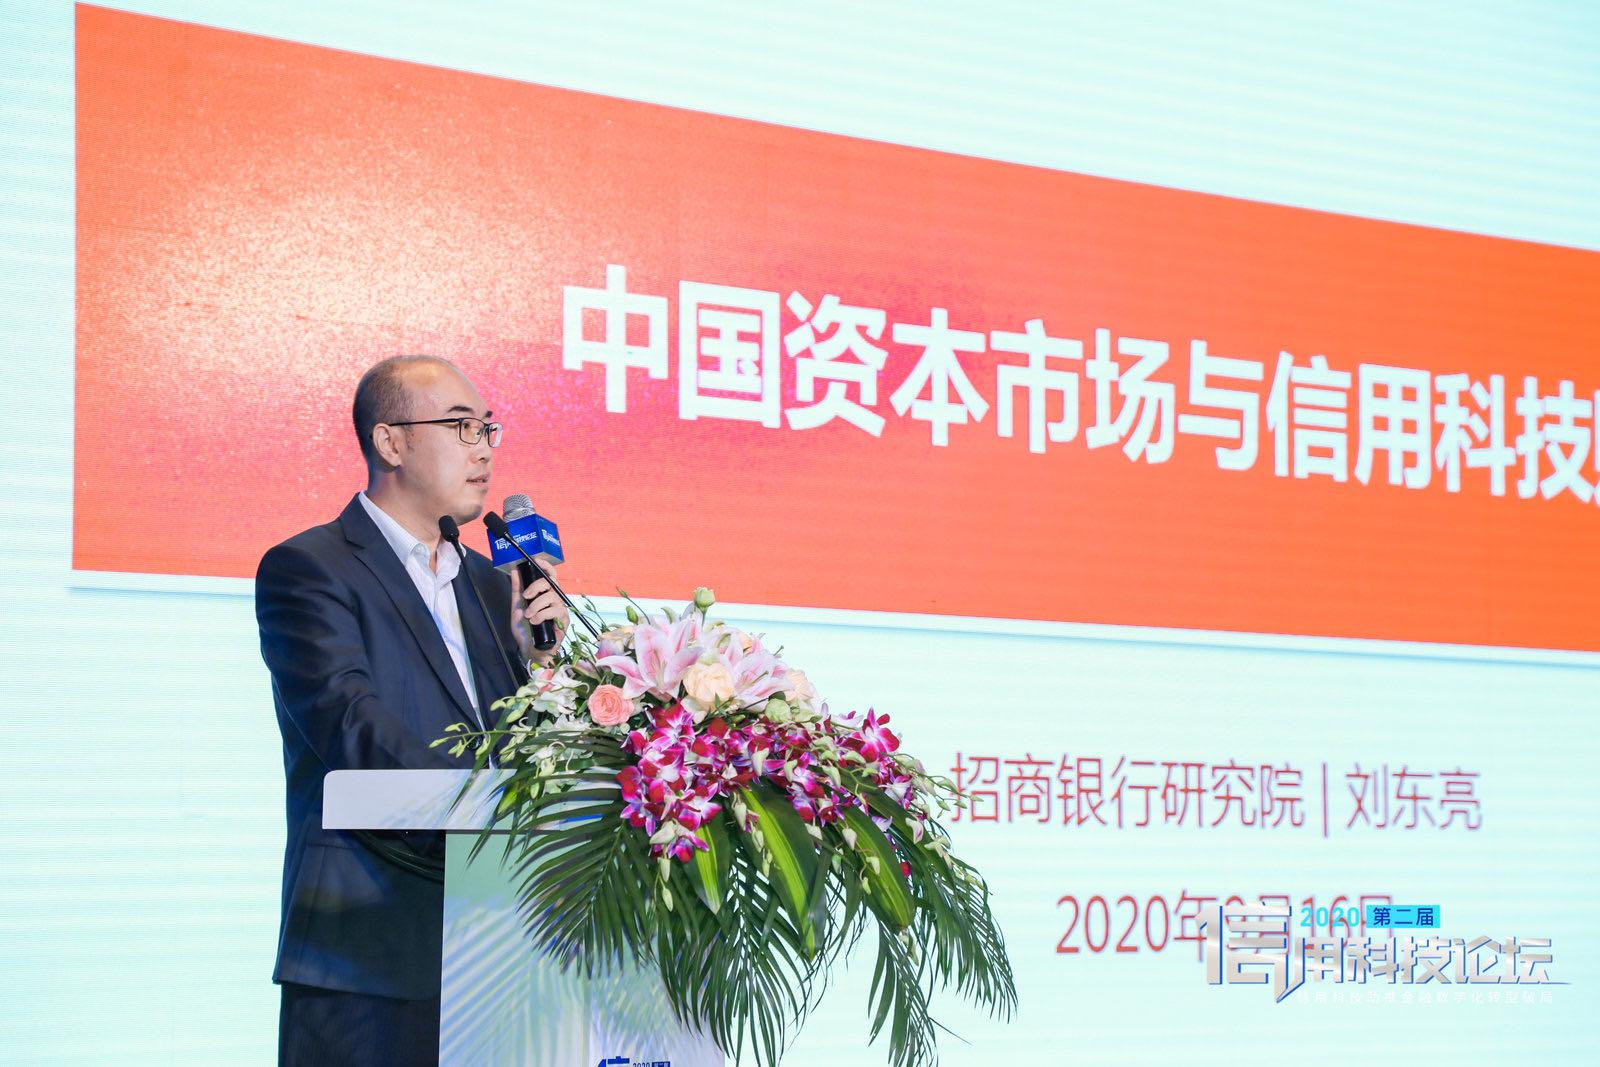 招商银行研究院资本市场研究所所长刘东亮:中国资本市场与信用科技赋能